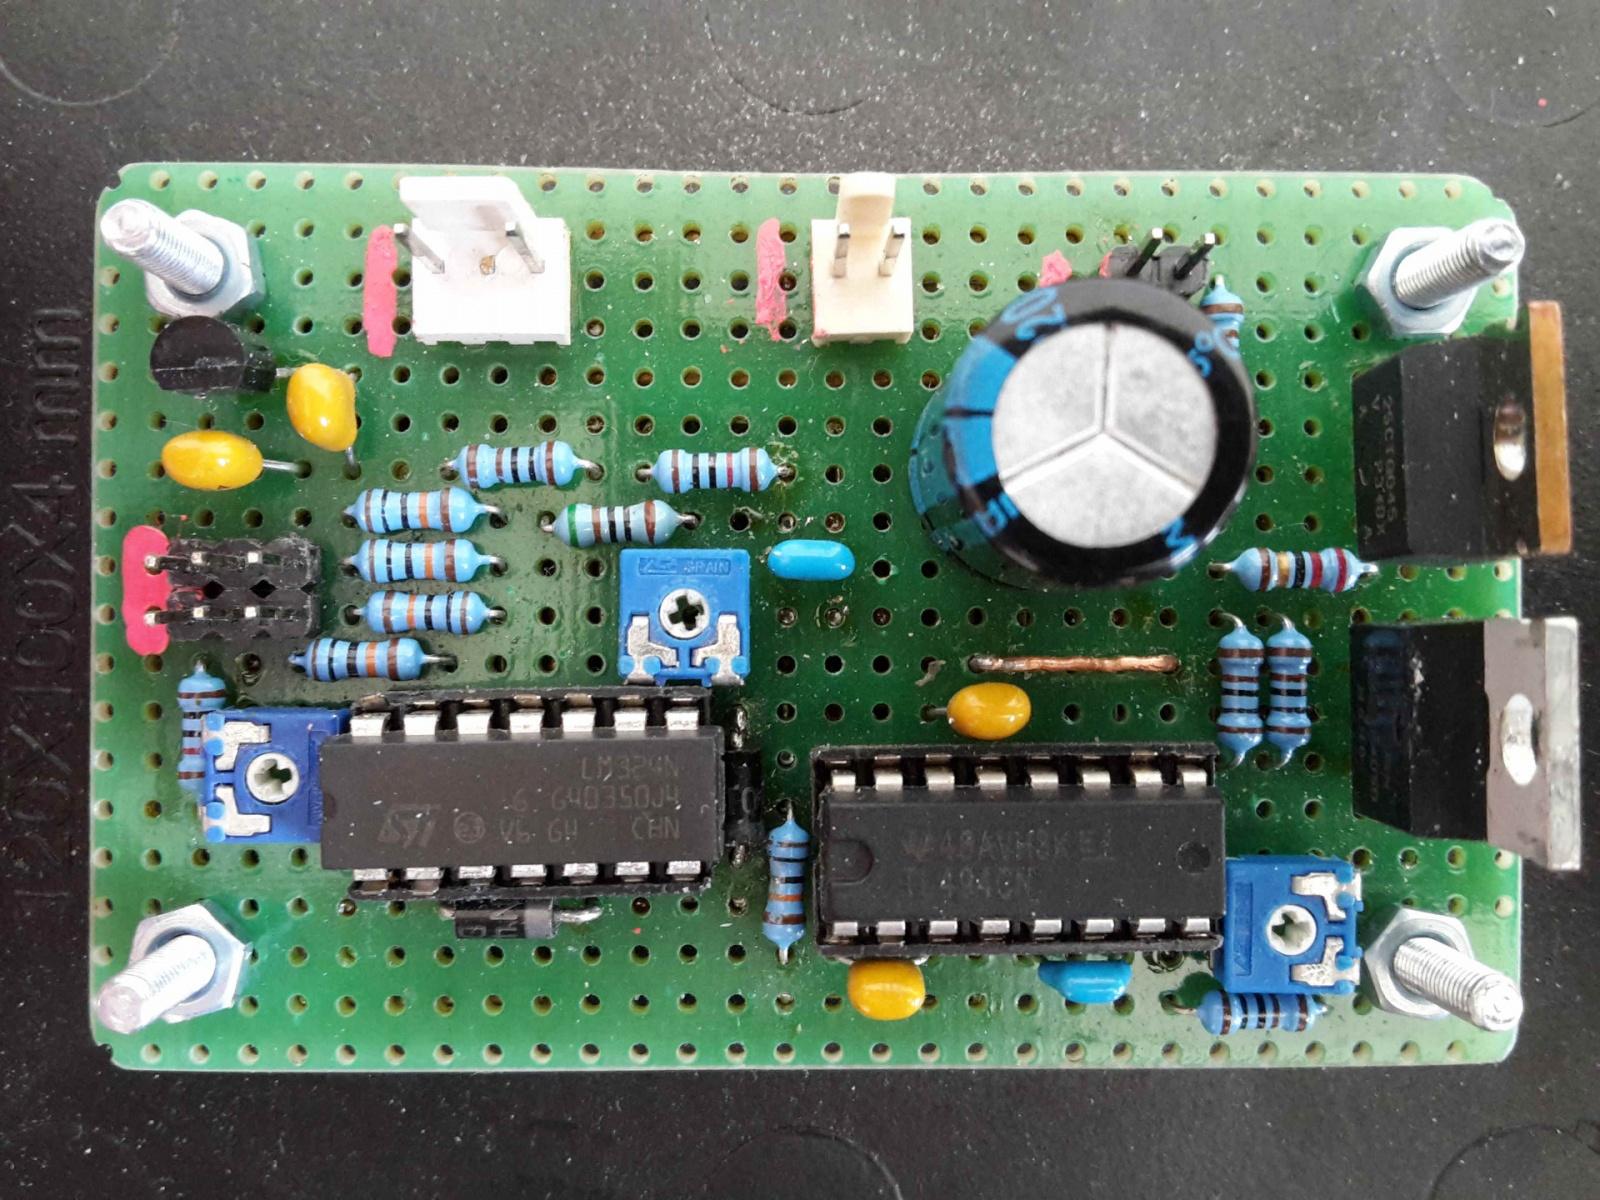 Как самому собрать аналоговый левитрон - 8